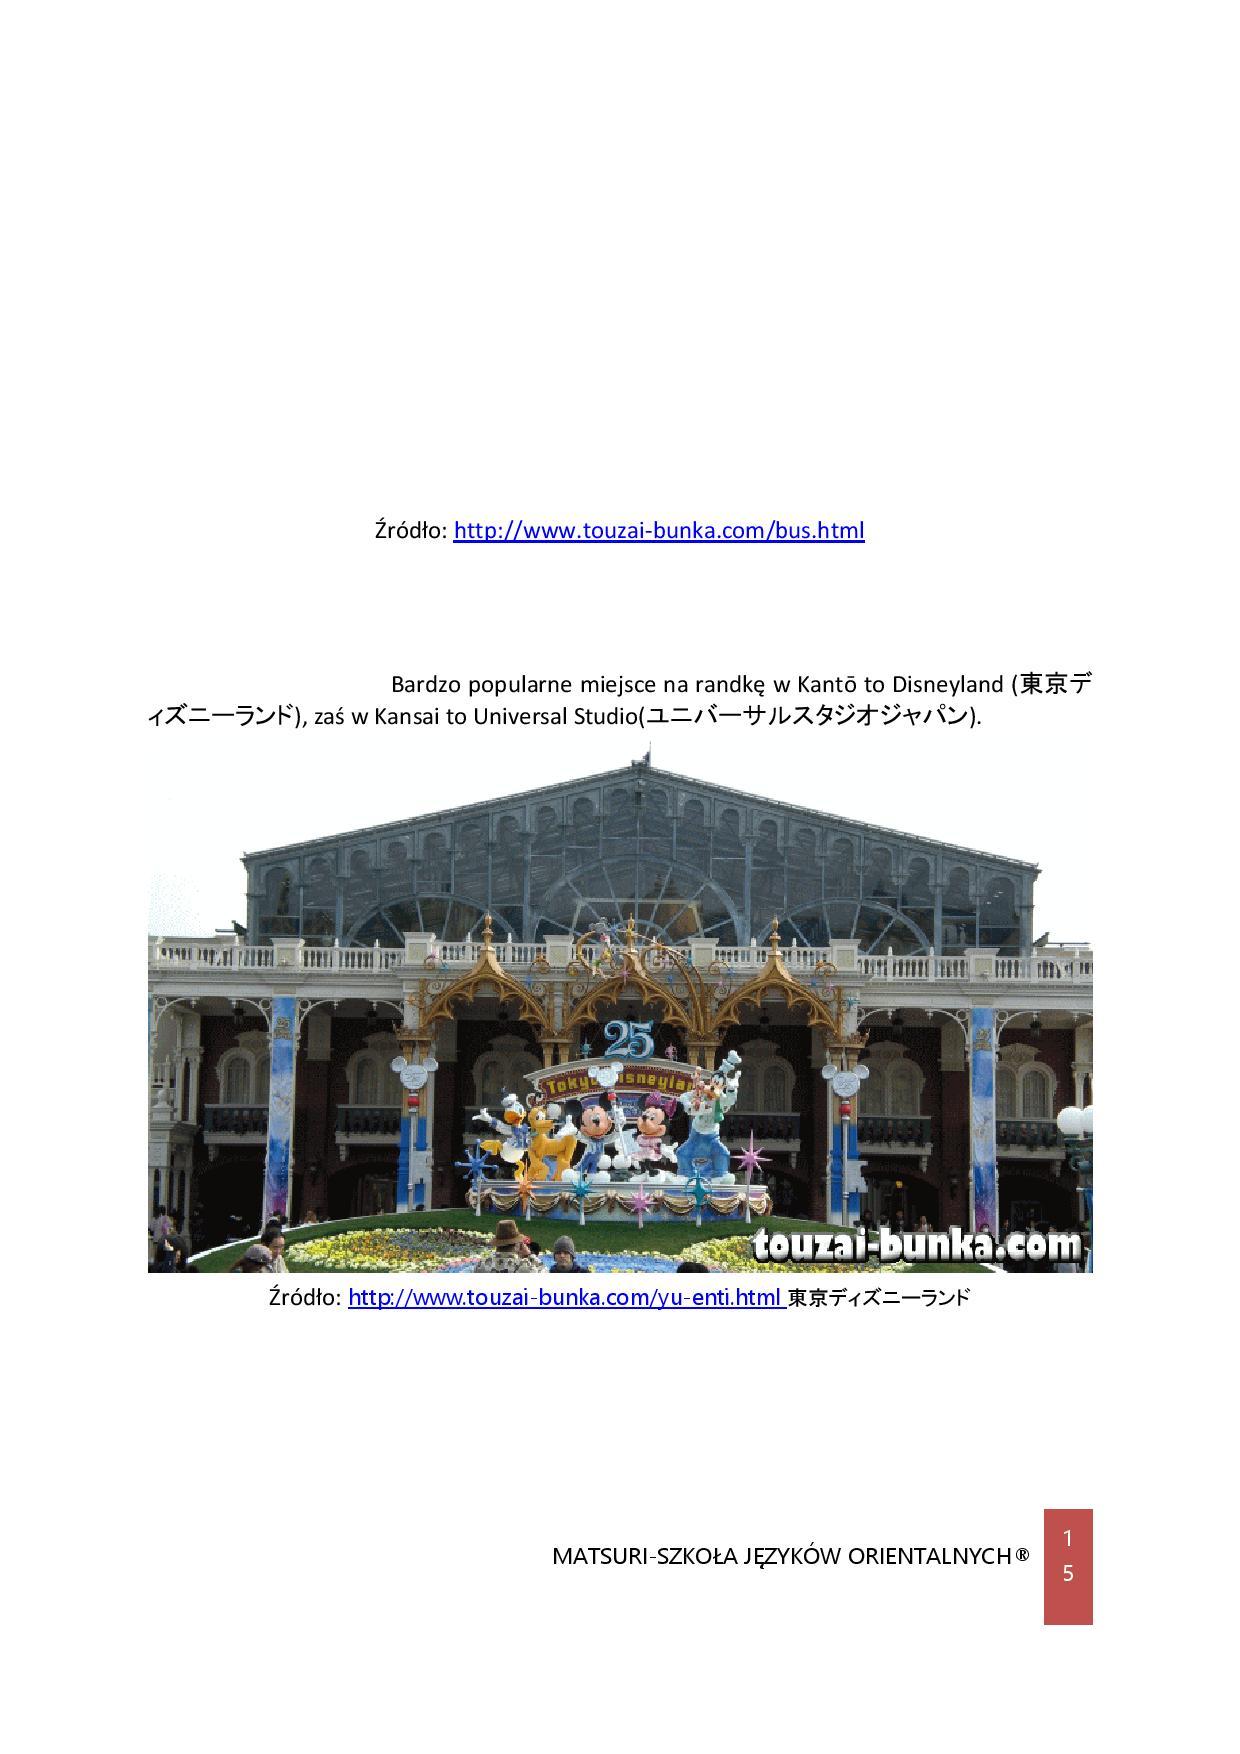 WSCHÓD KONTRA ZACHÓD – czyli różnice w kraju kwitnącej wiśni-page-015